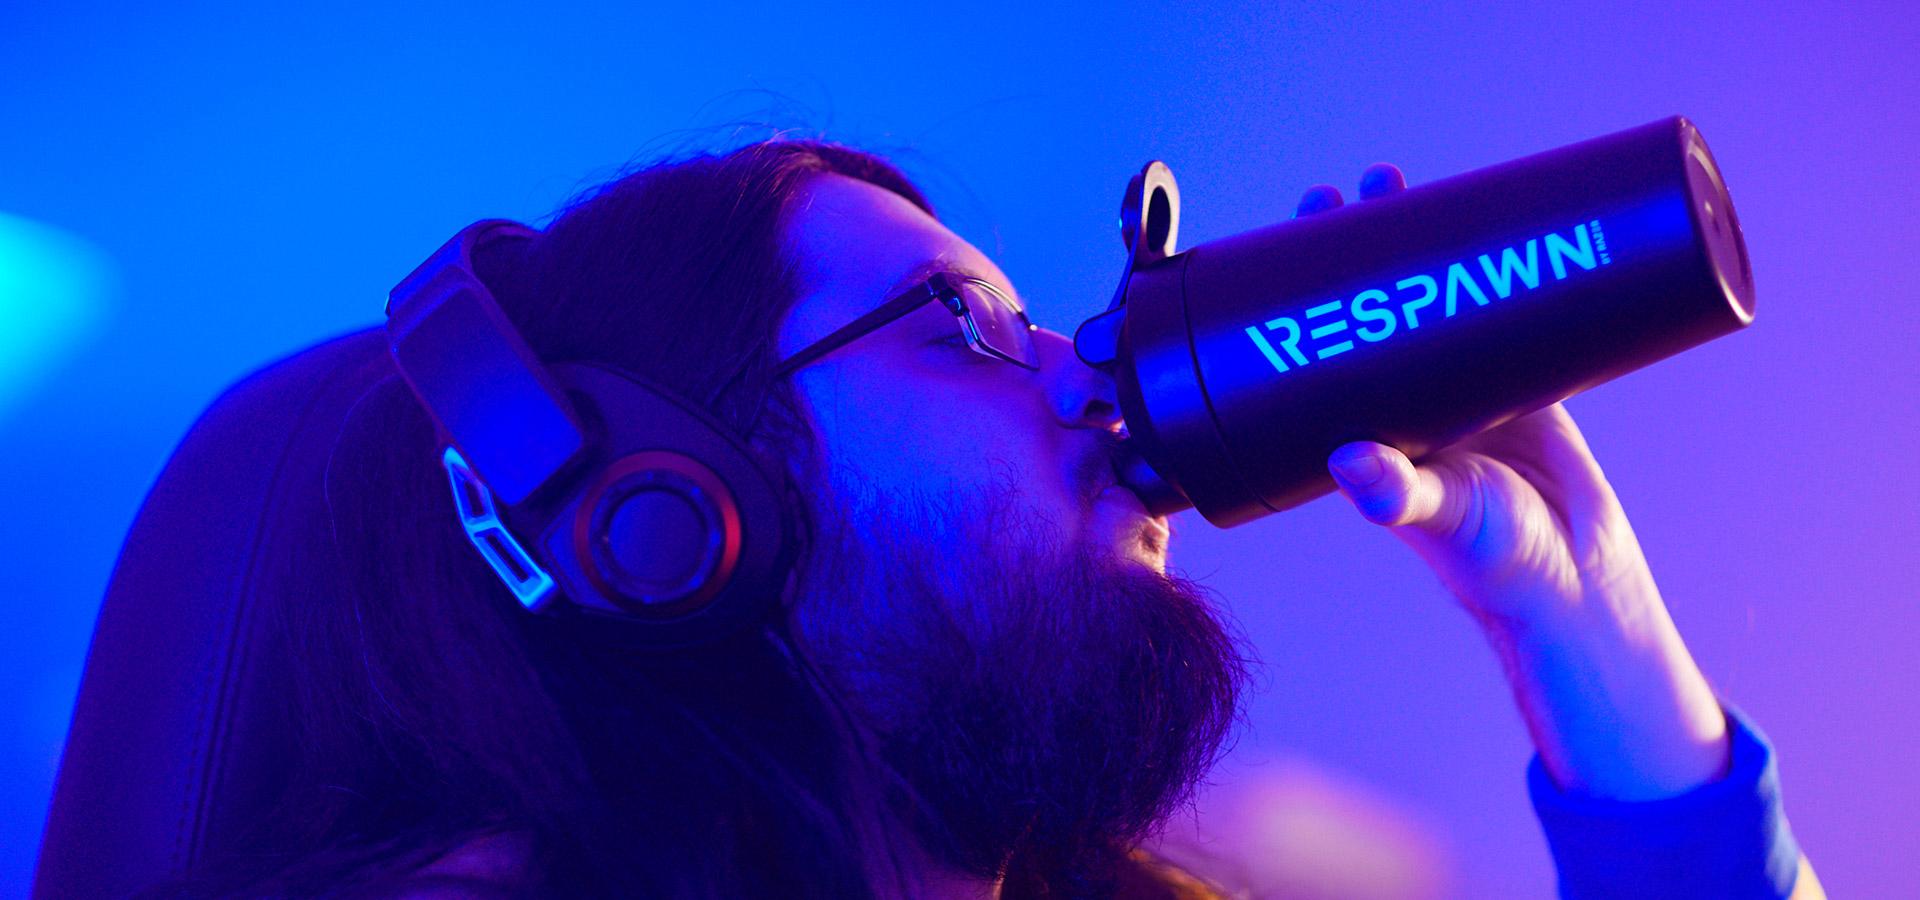 Razer anuncia bebida energética com desempenho para jogadores, RESPAWN